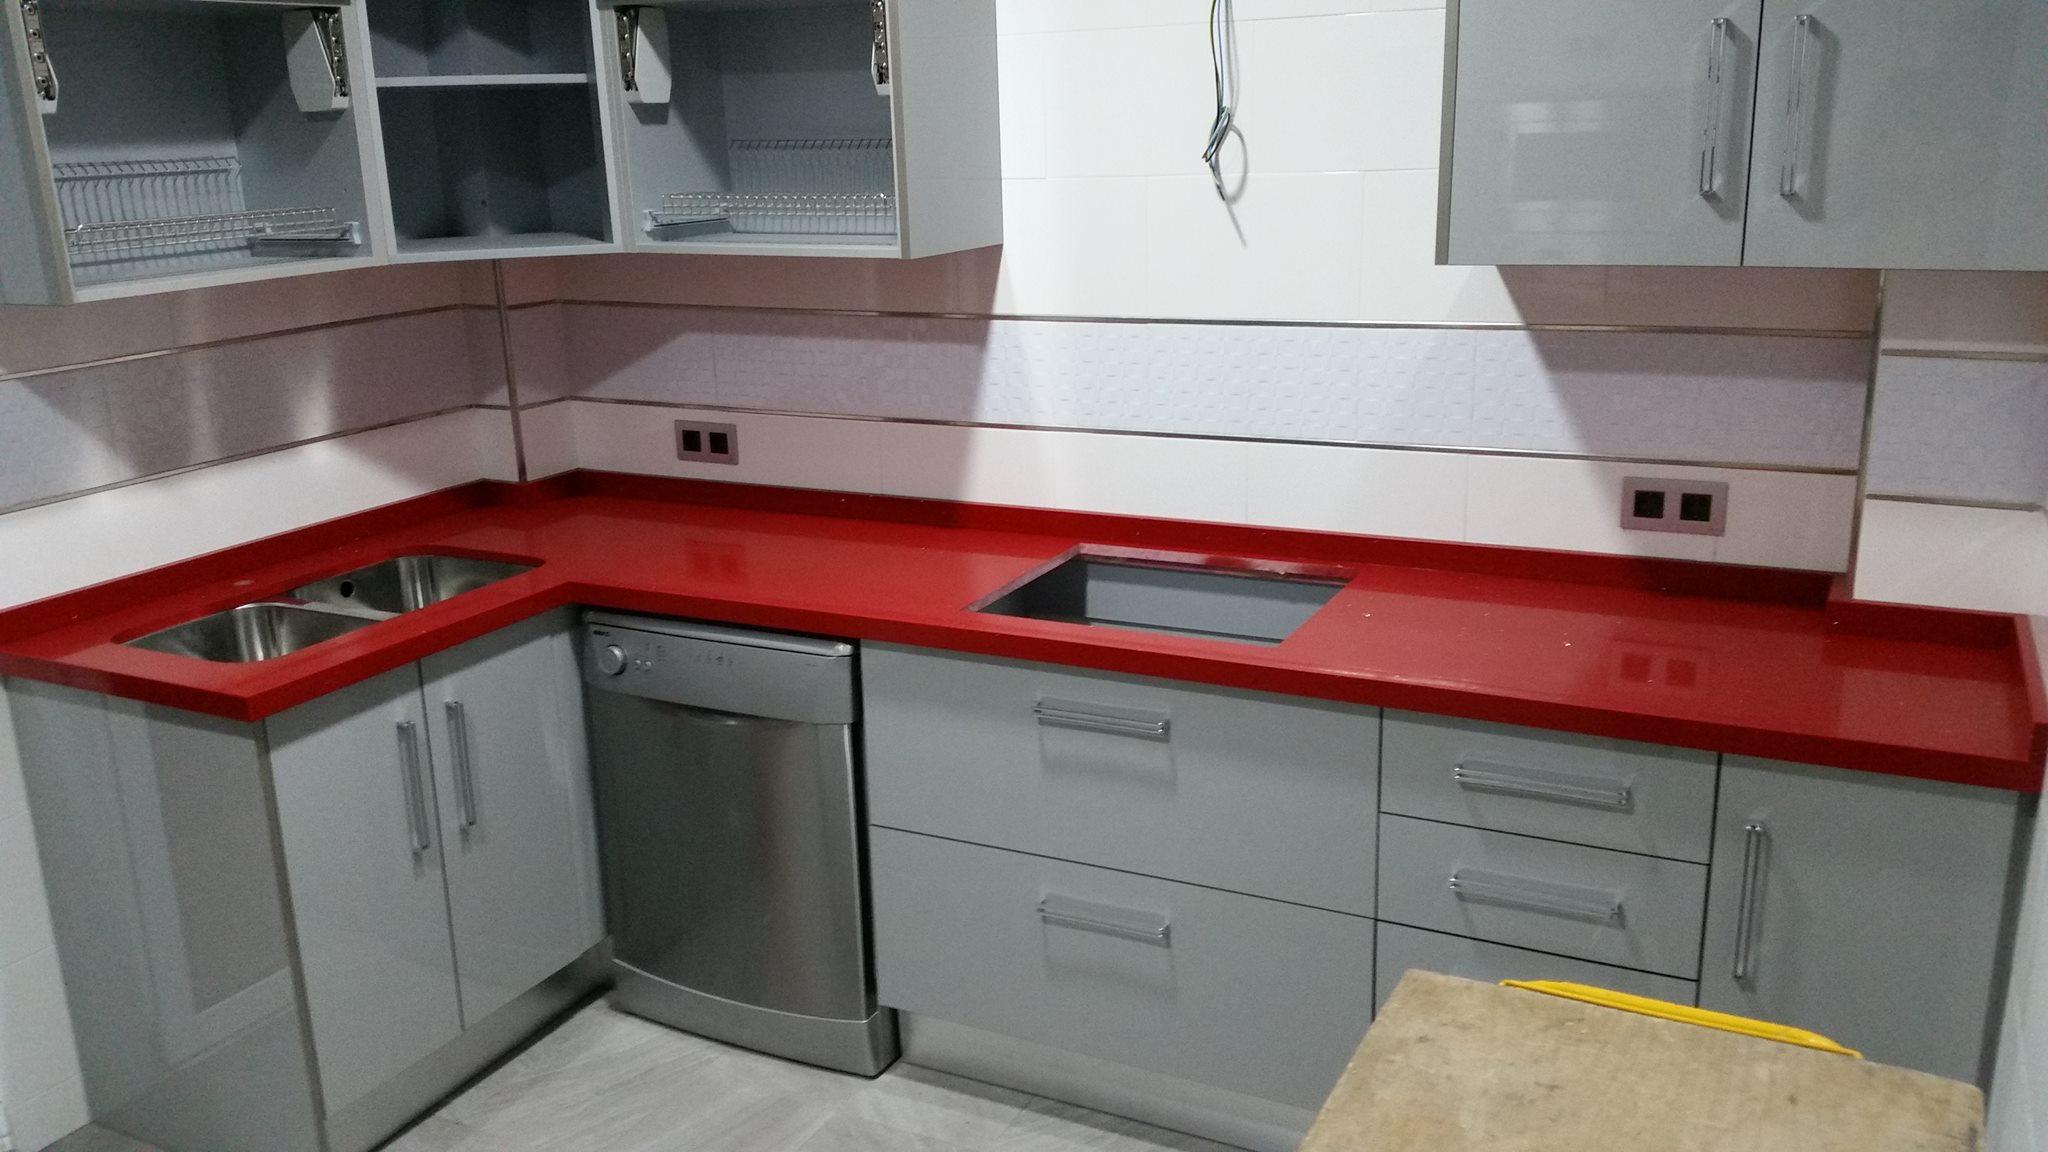 Bonito cocinas con encimera roja fotos muebles de cocinas - Cocinas en rojo ...